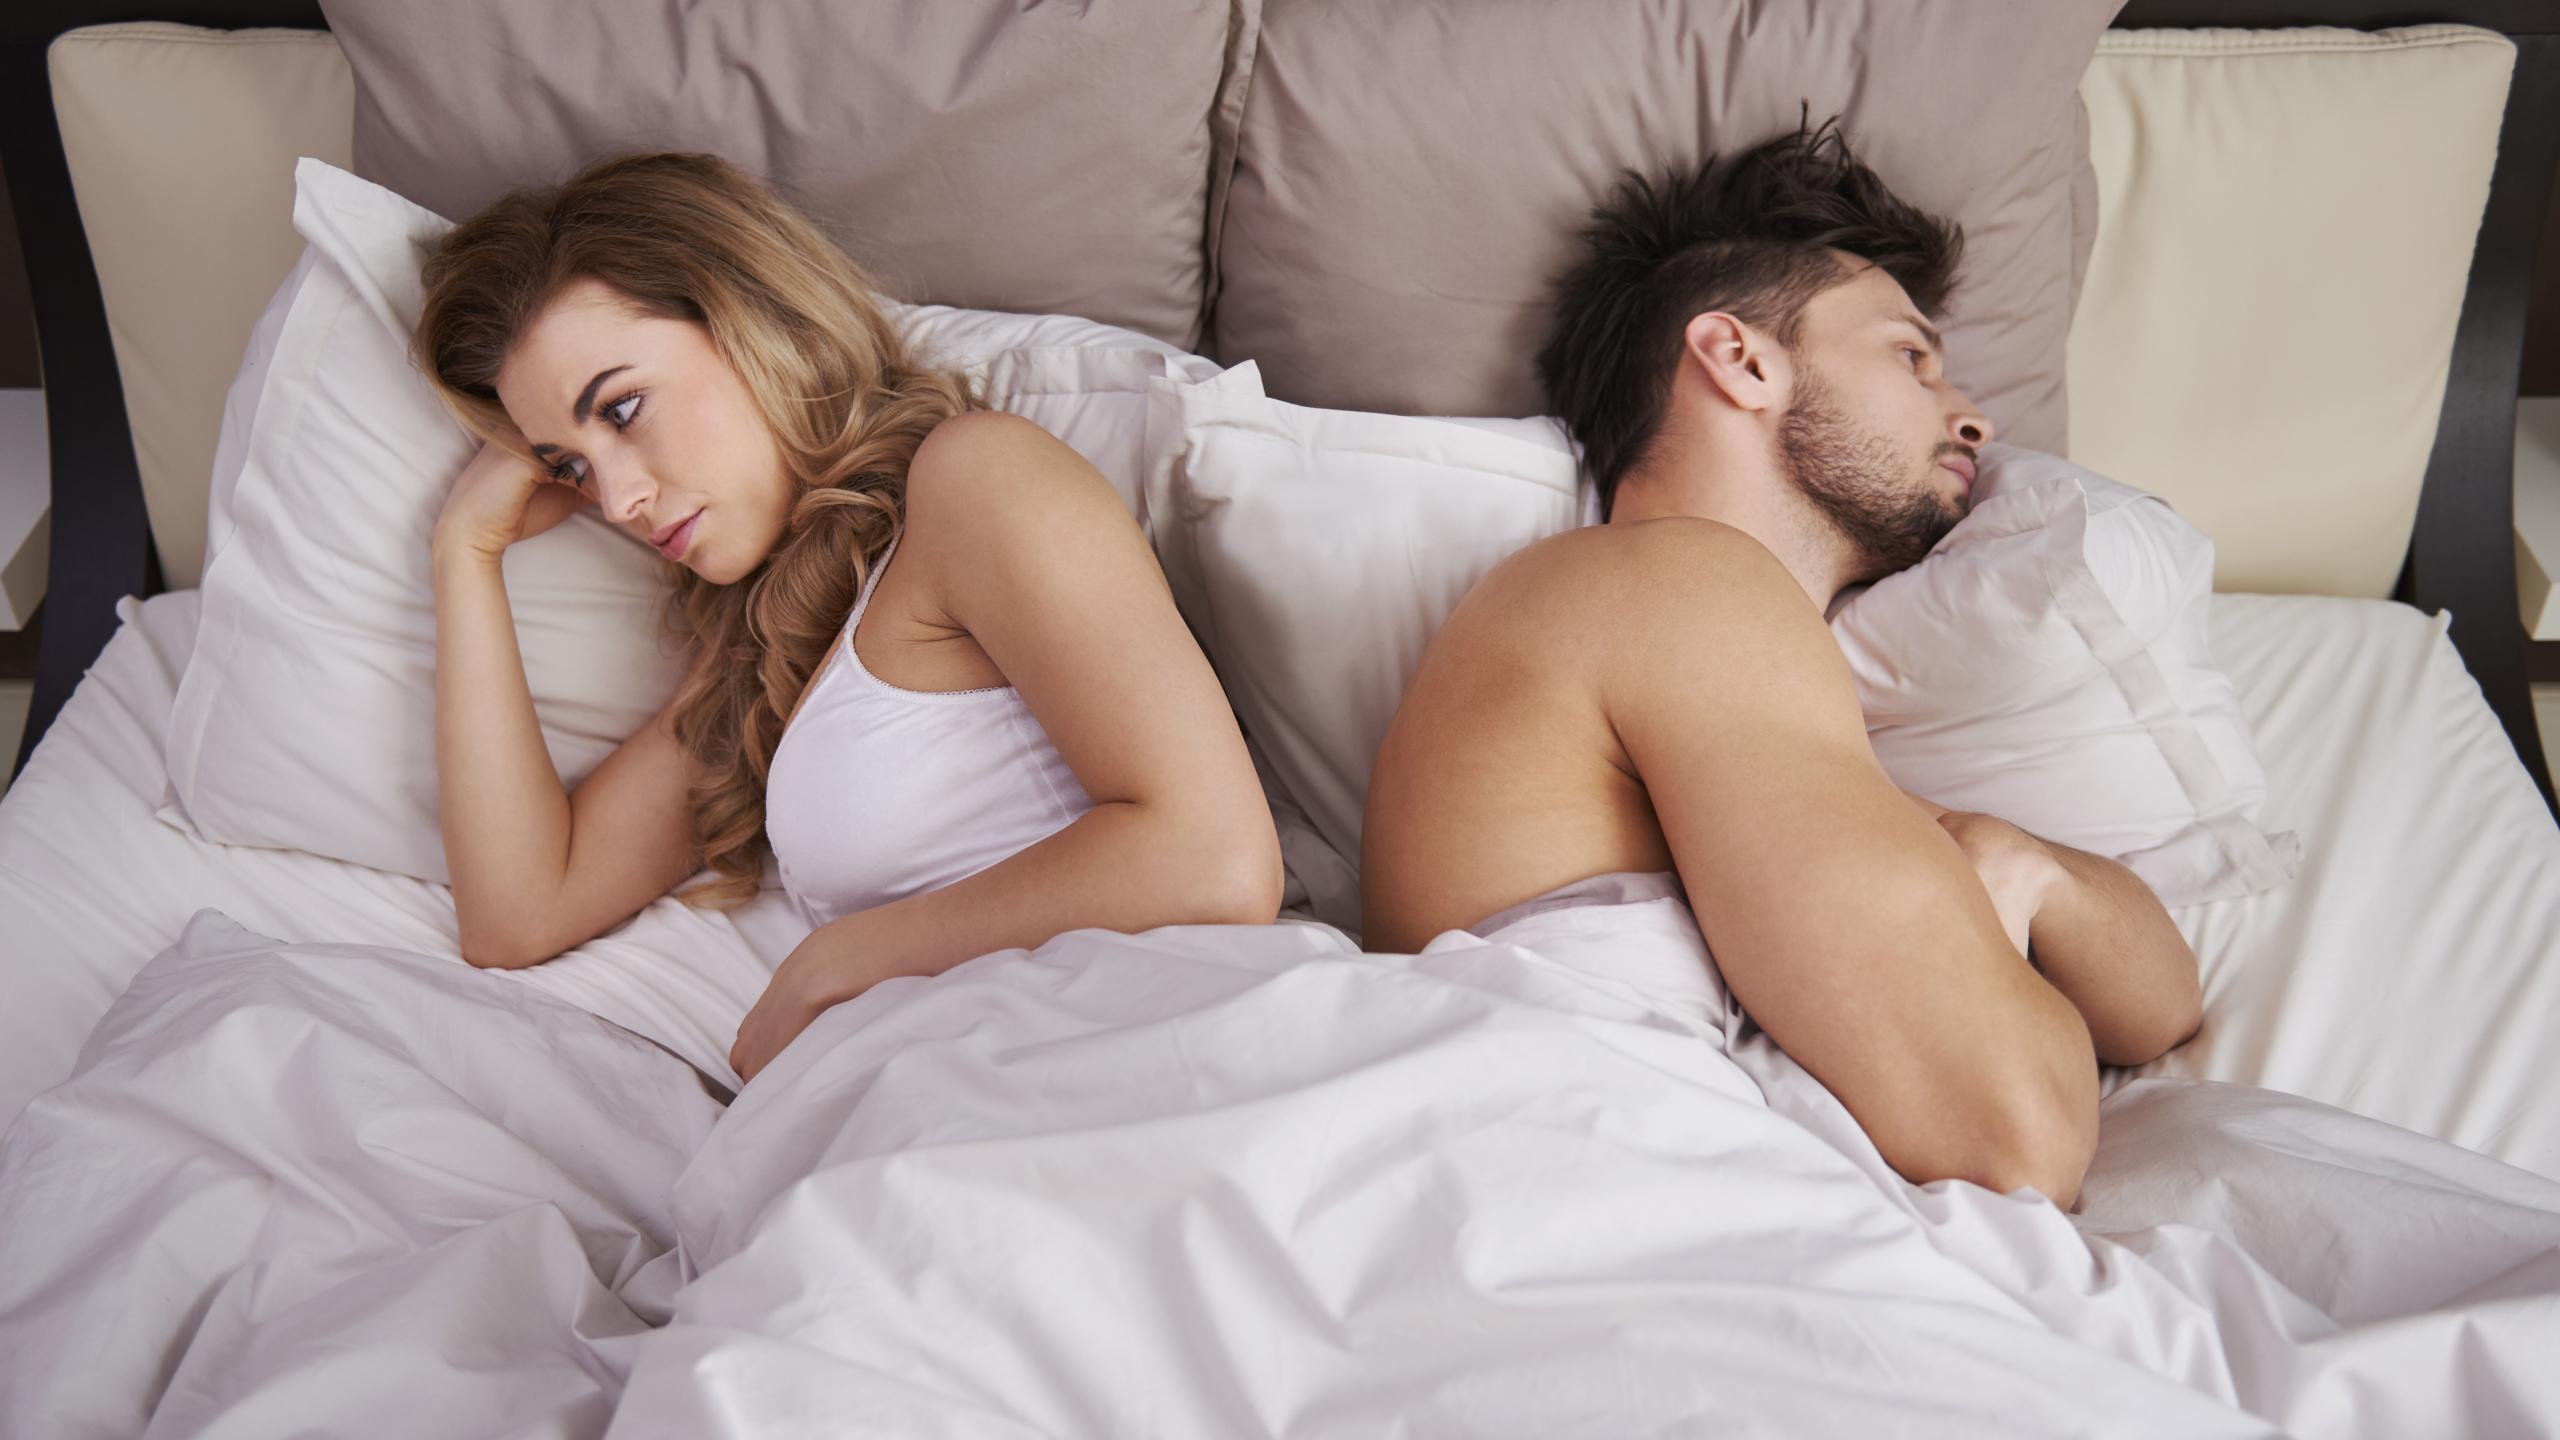 Мужчины не всегда хотят секса